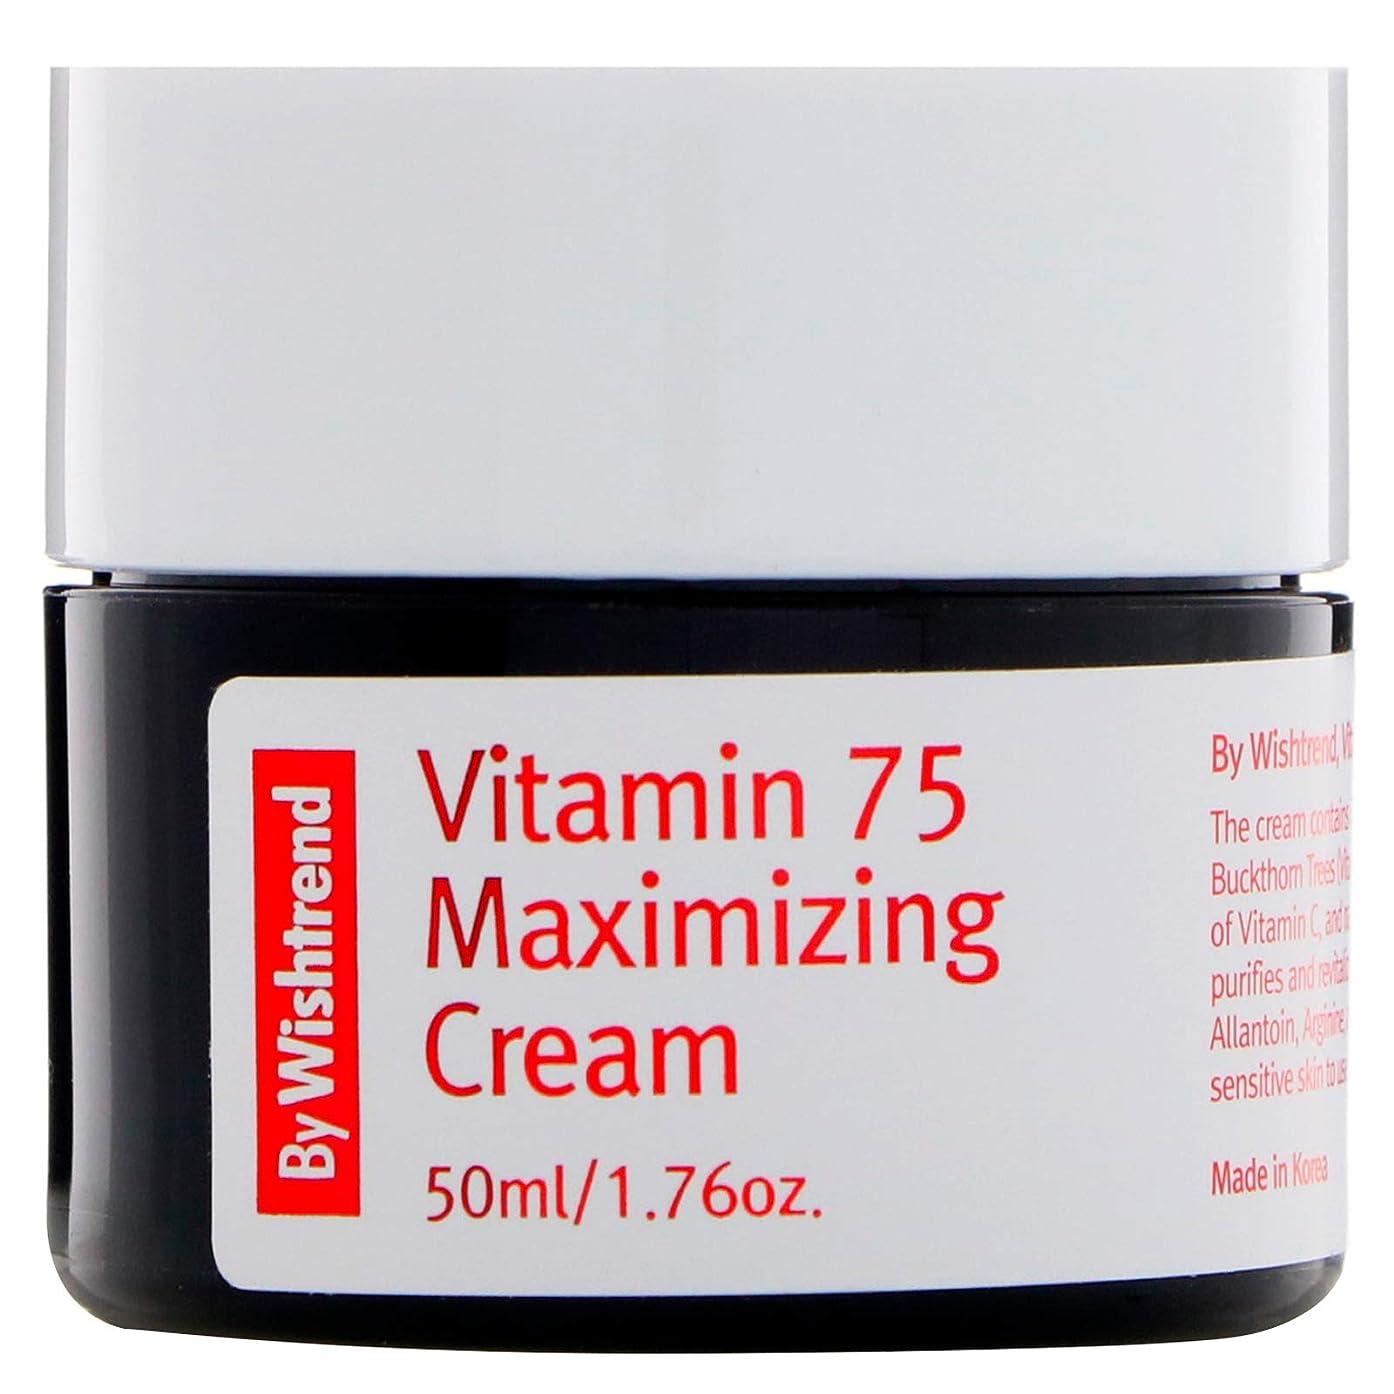 ベイビー緩む明日[BY WISHTREND]ビタミン75 マキシマイジング クリーム, Vitamin 75 Maximizing Cream [並行輸入品]